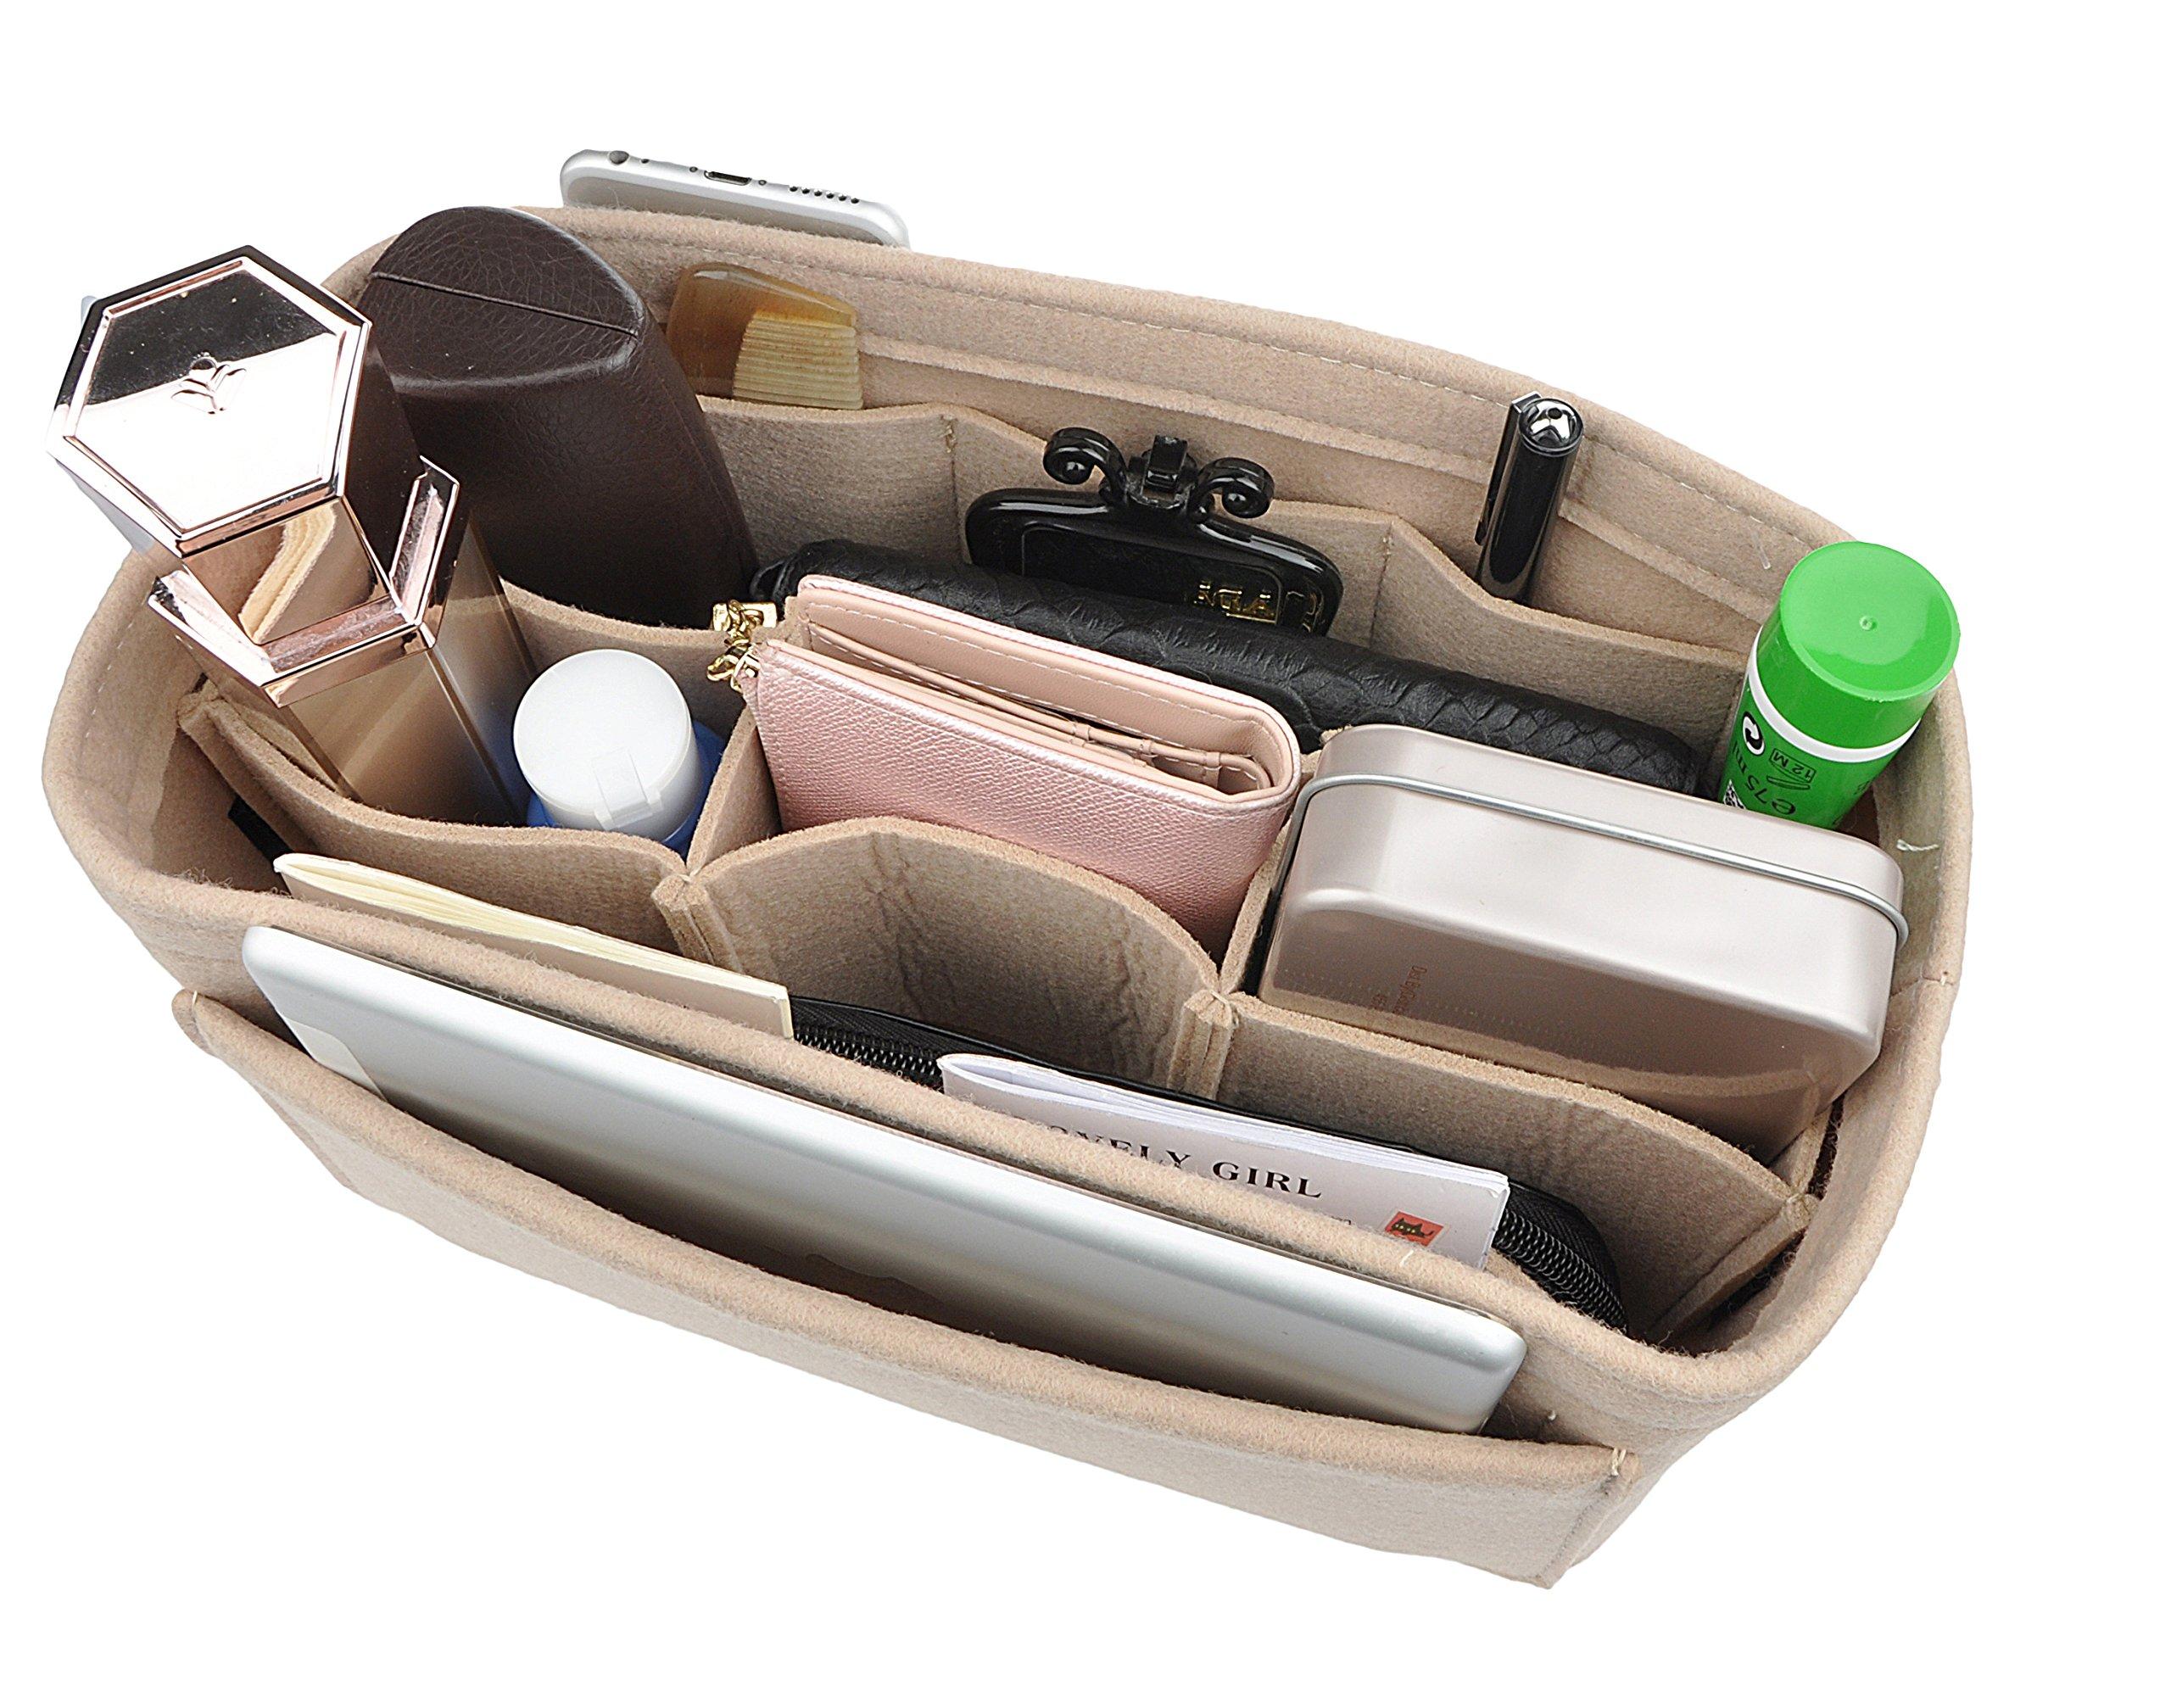 Women's Purse Organzier Sturdy Felt Handbag Liner Insert Bag BeigeL